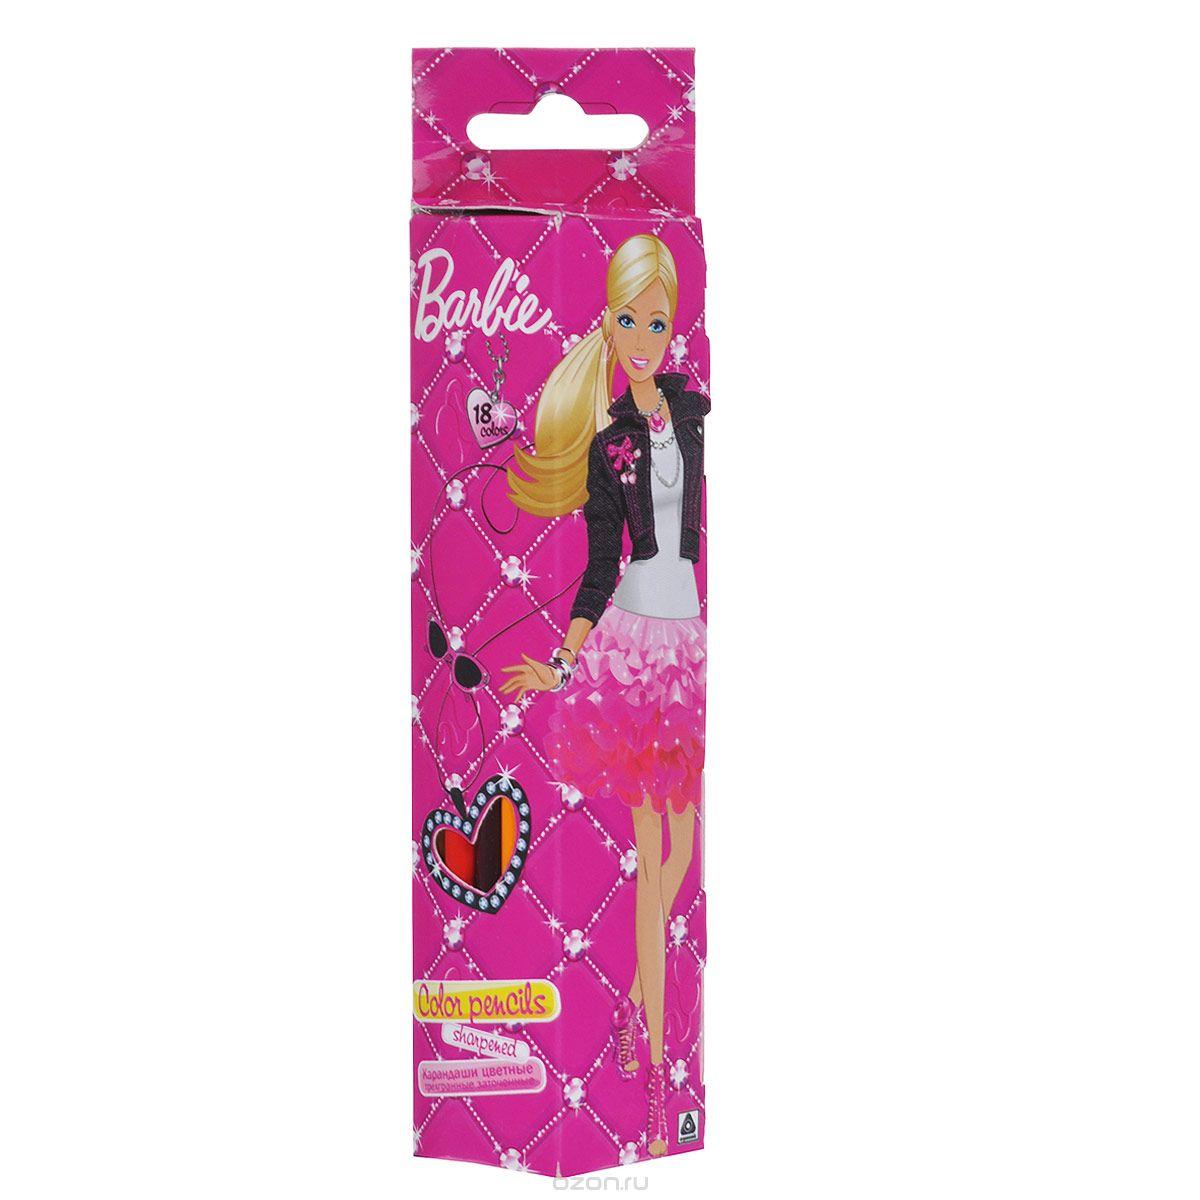 Набор цветных карандашей (треугольные), 18 шт. Цветные карандаши длиной 17,8 см; заточенные; дерево - липа; цветной грифель 2,65 мм; Barbie72523WDКачественные карандаши для маленьких принцес. Цвет: розовый. Материал: Пластик, . Поверхность: Бумага. Упаковка: Коробка картонная.